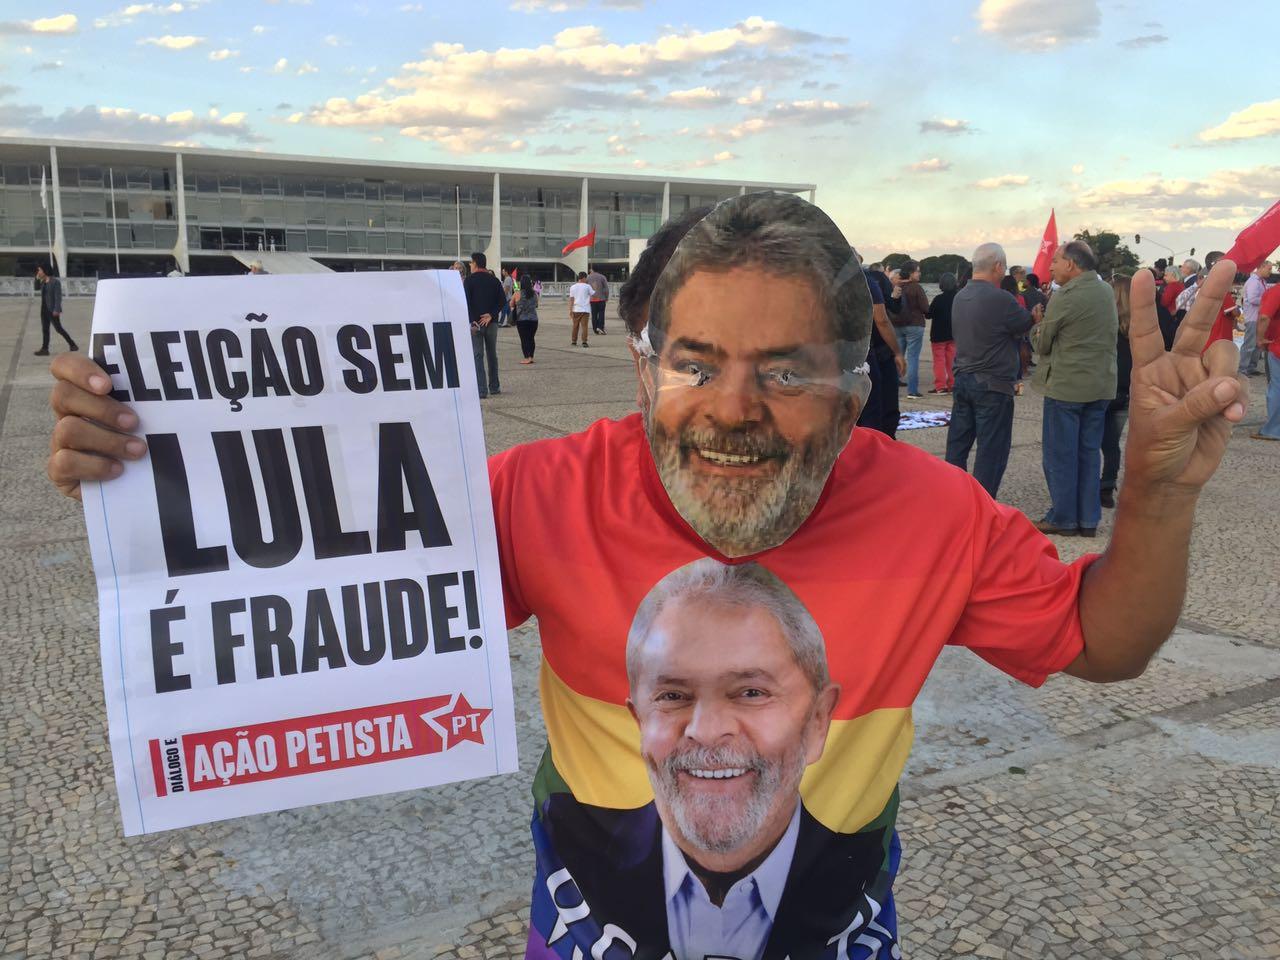 Cariaciaca, PT, Fraude, Lula, Eleição